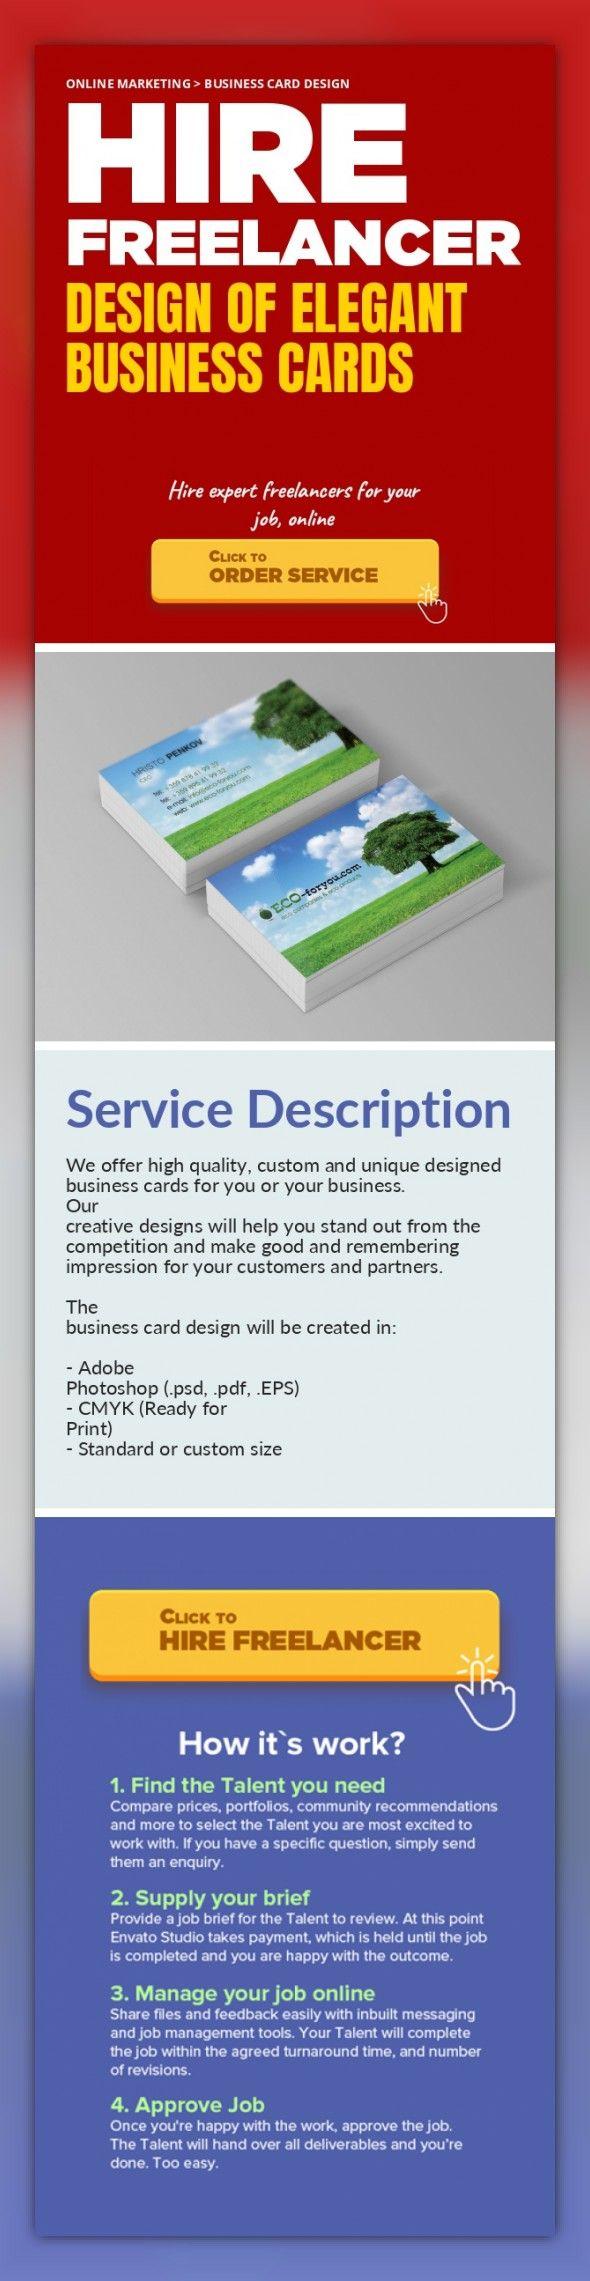 Design of Elegant Business Cards Online Marketing, Business Card ...